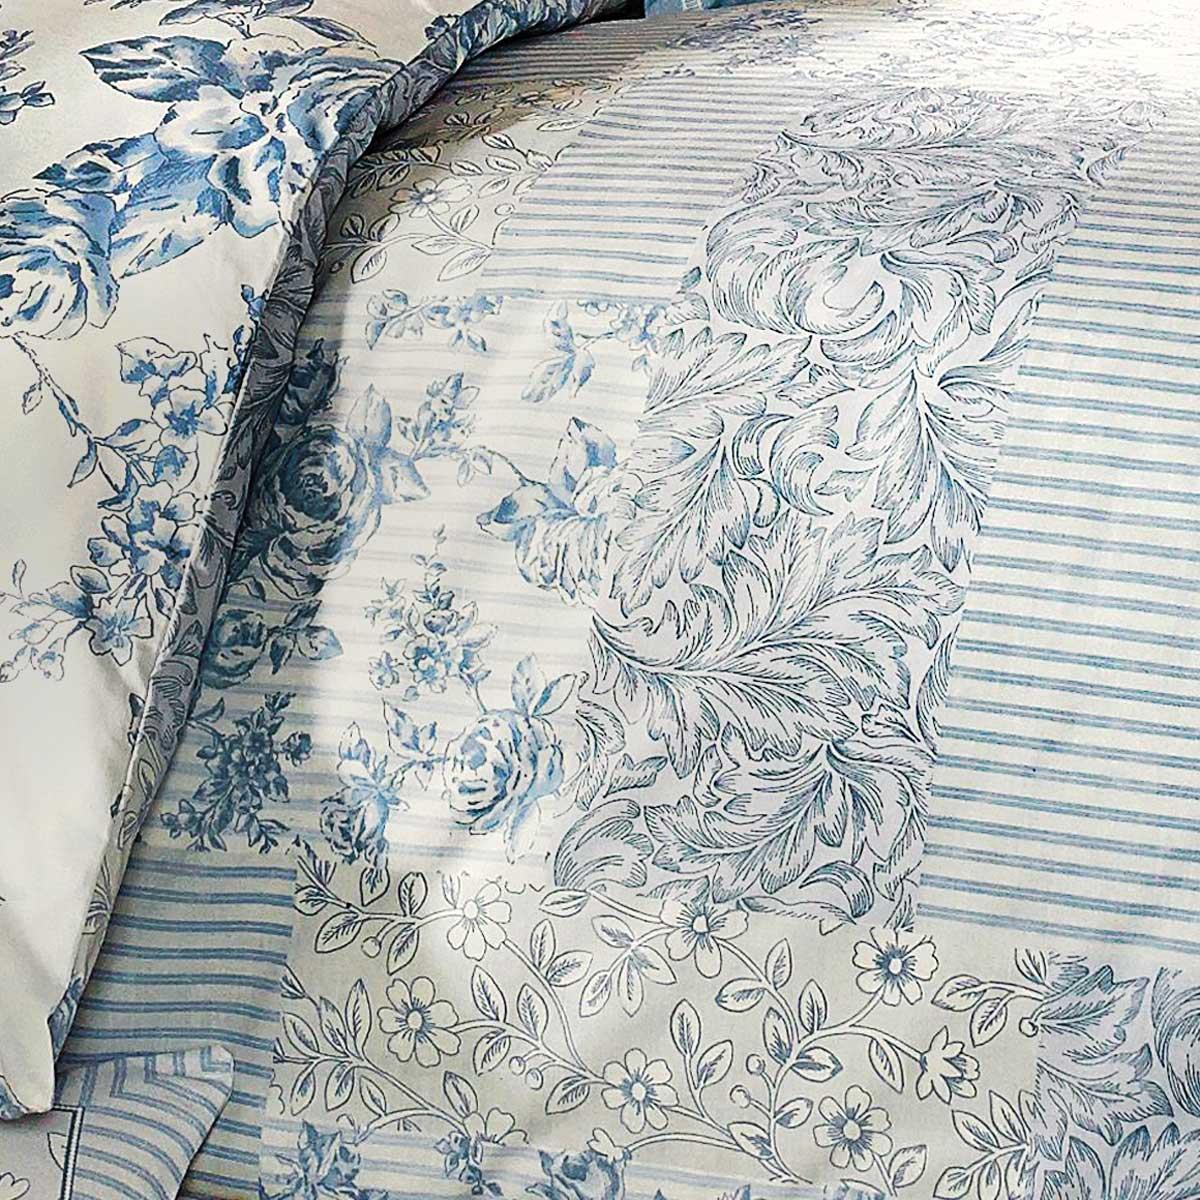 Fundas-de-edredon-azul-con-motivos-florales-Patchwork-Toile-pais-Edredon-Cubierta-de-Lujo-sistemas miniatura 3